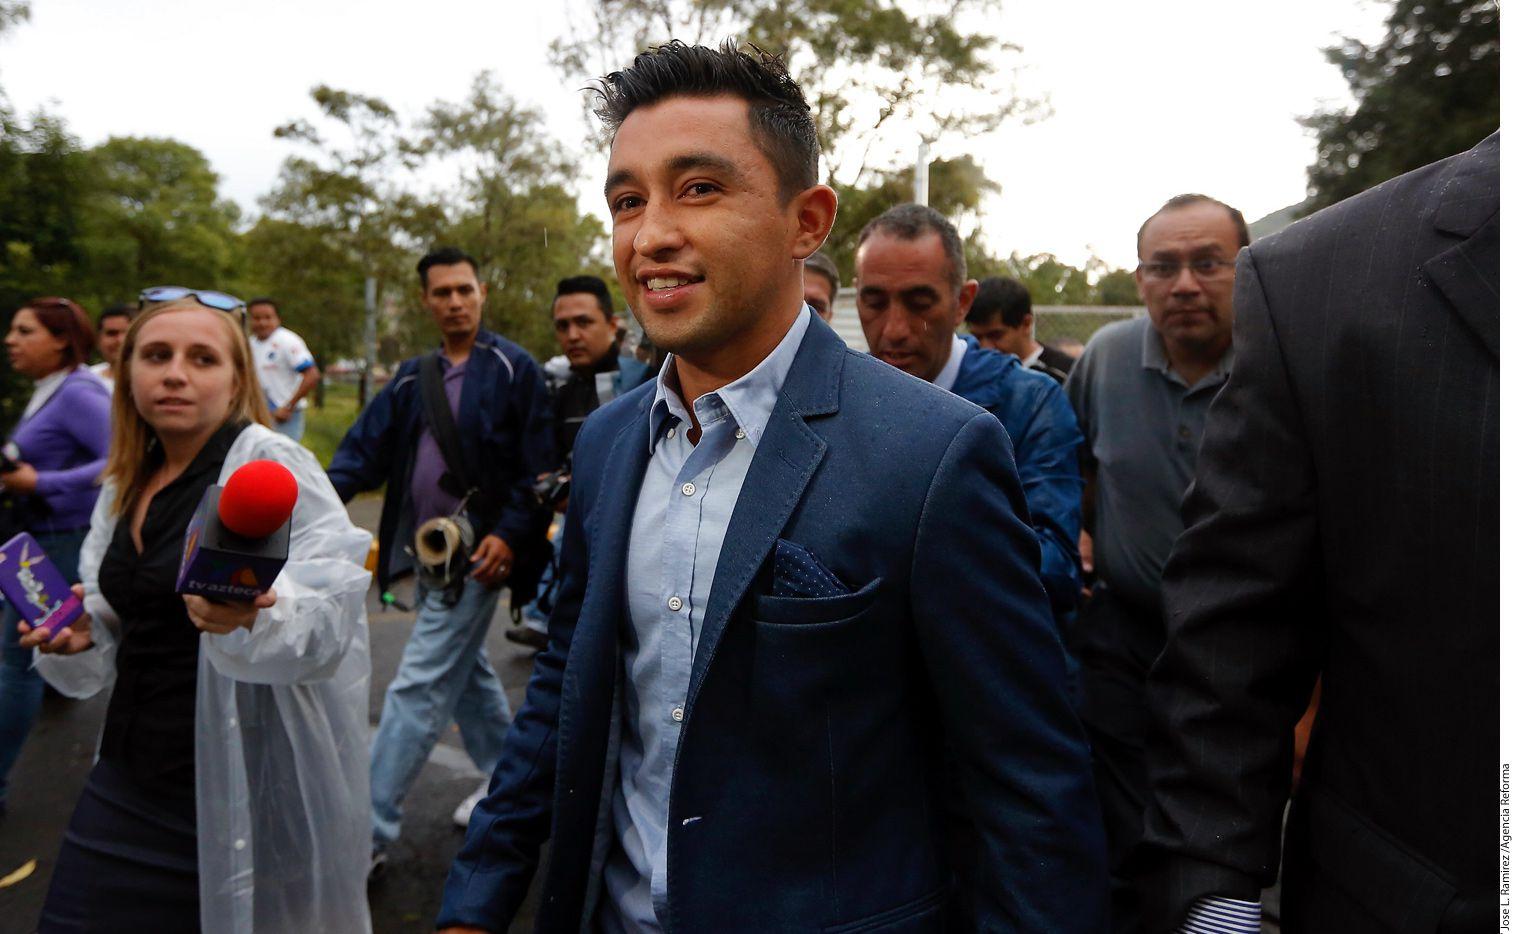 Christian Bermúdez tuvo este martes una sesión mental con Luis Guillén, quien le ayudó al mediocampista a mejorar su técnico en los tiros libres, publicó el club Chiapas mediante unos videos en Twitter./ AGENCIA REFORMA